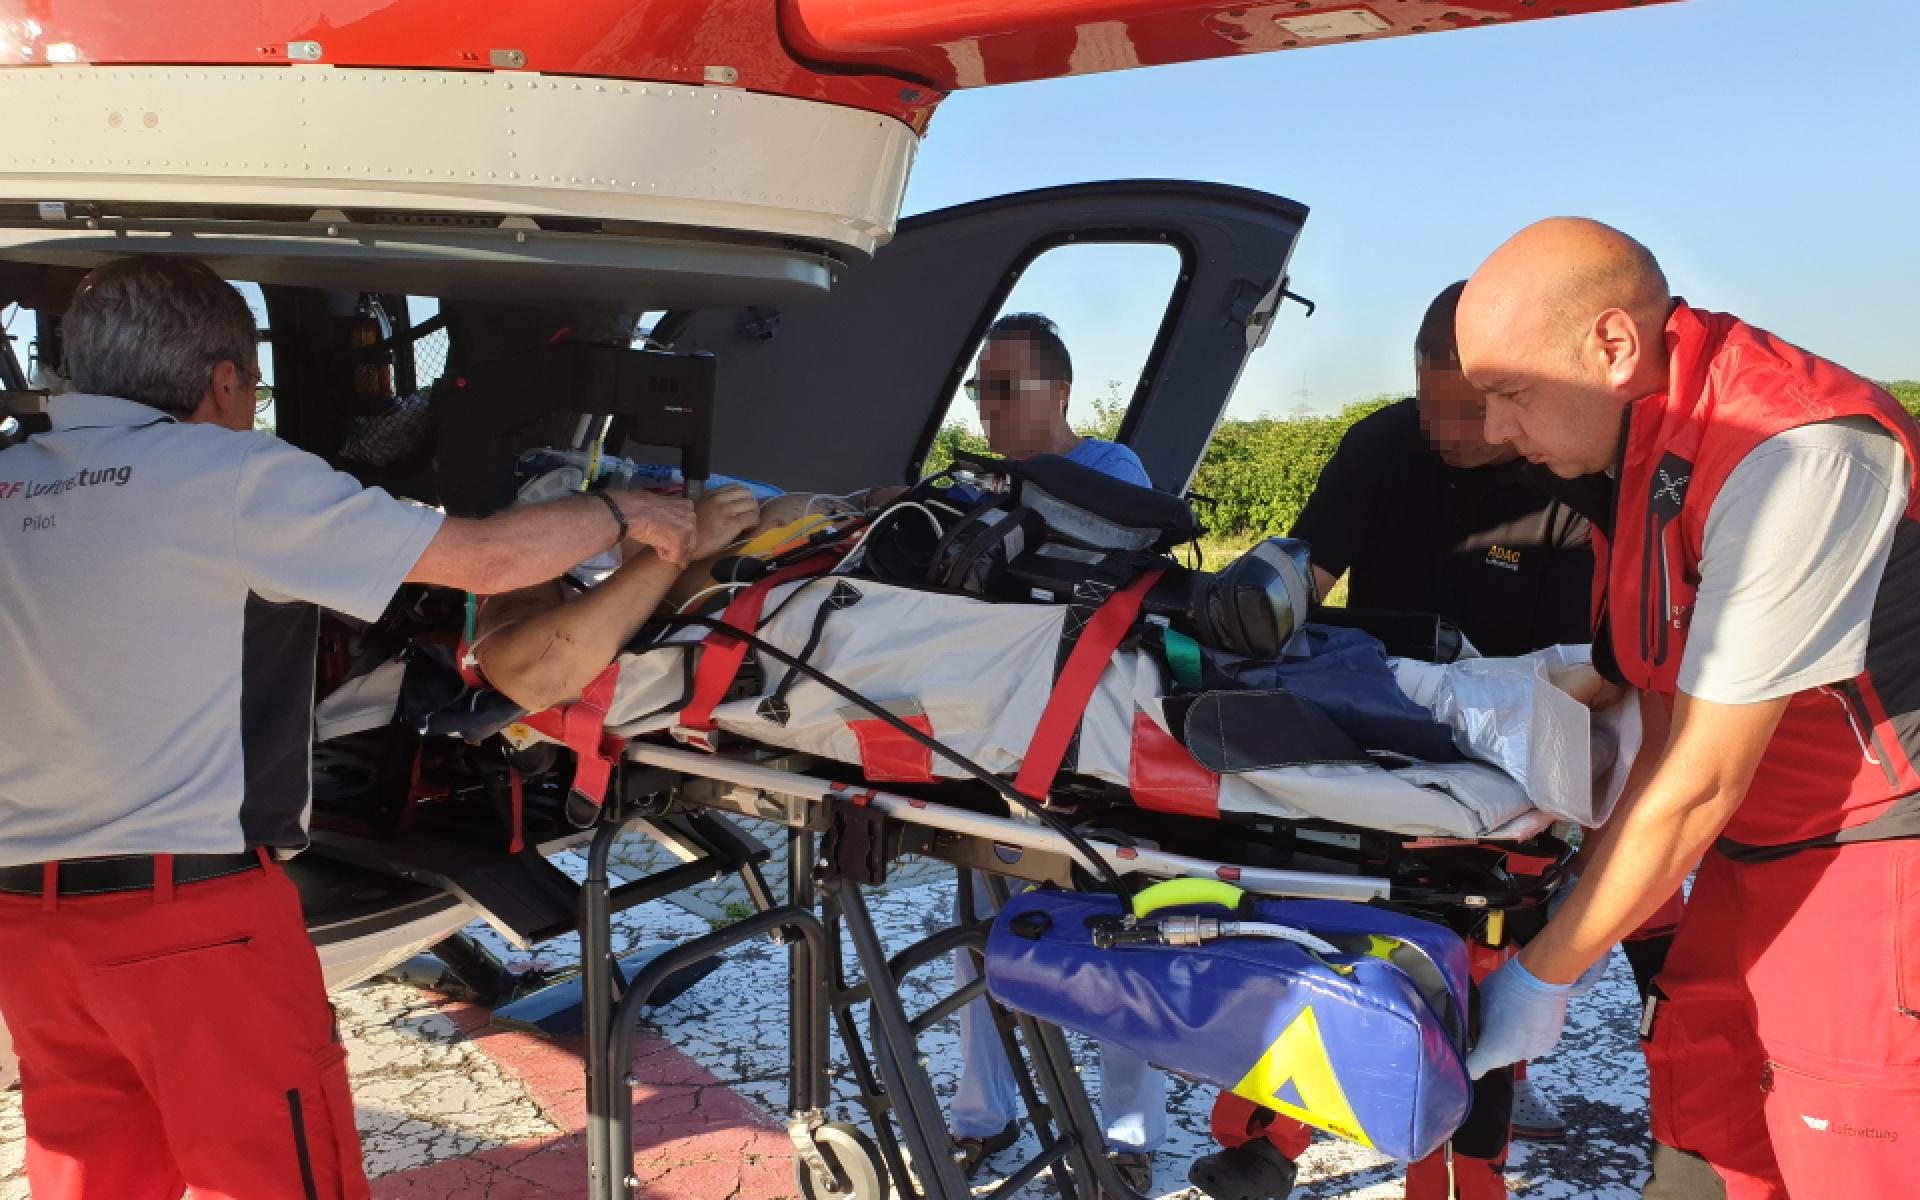 Unter laufender Reanimation fliegt das Team von Christoph München den Patienten in die Klinik.